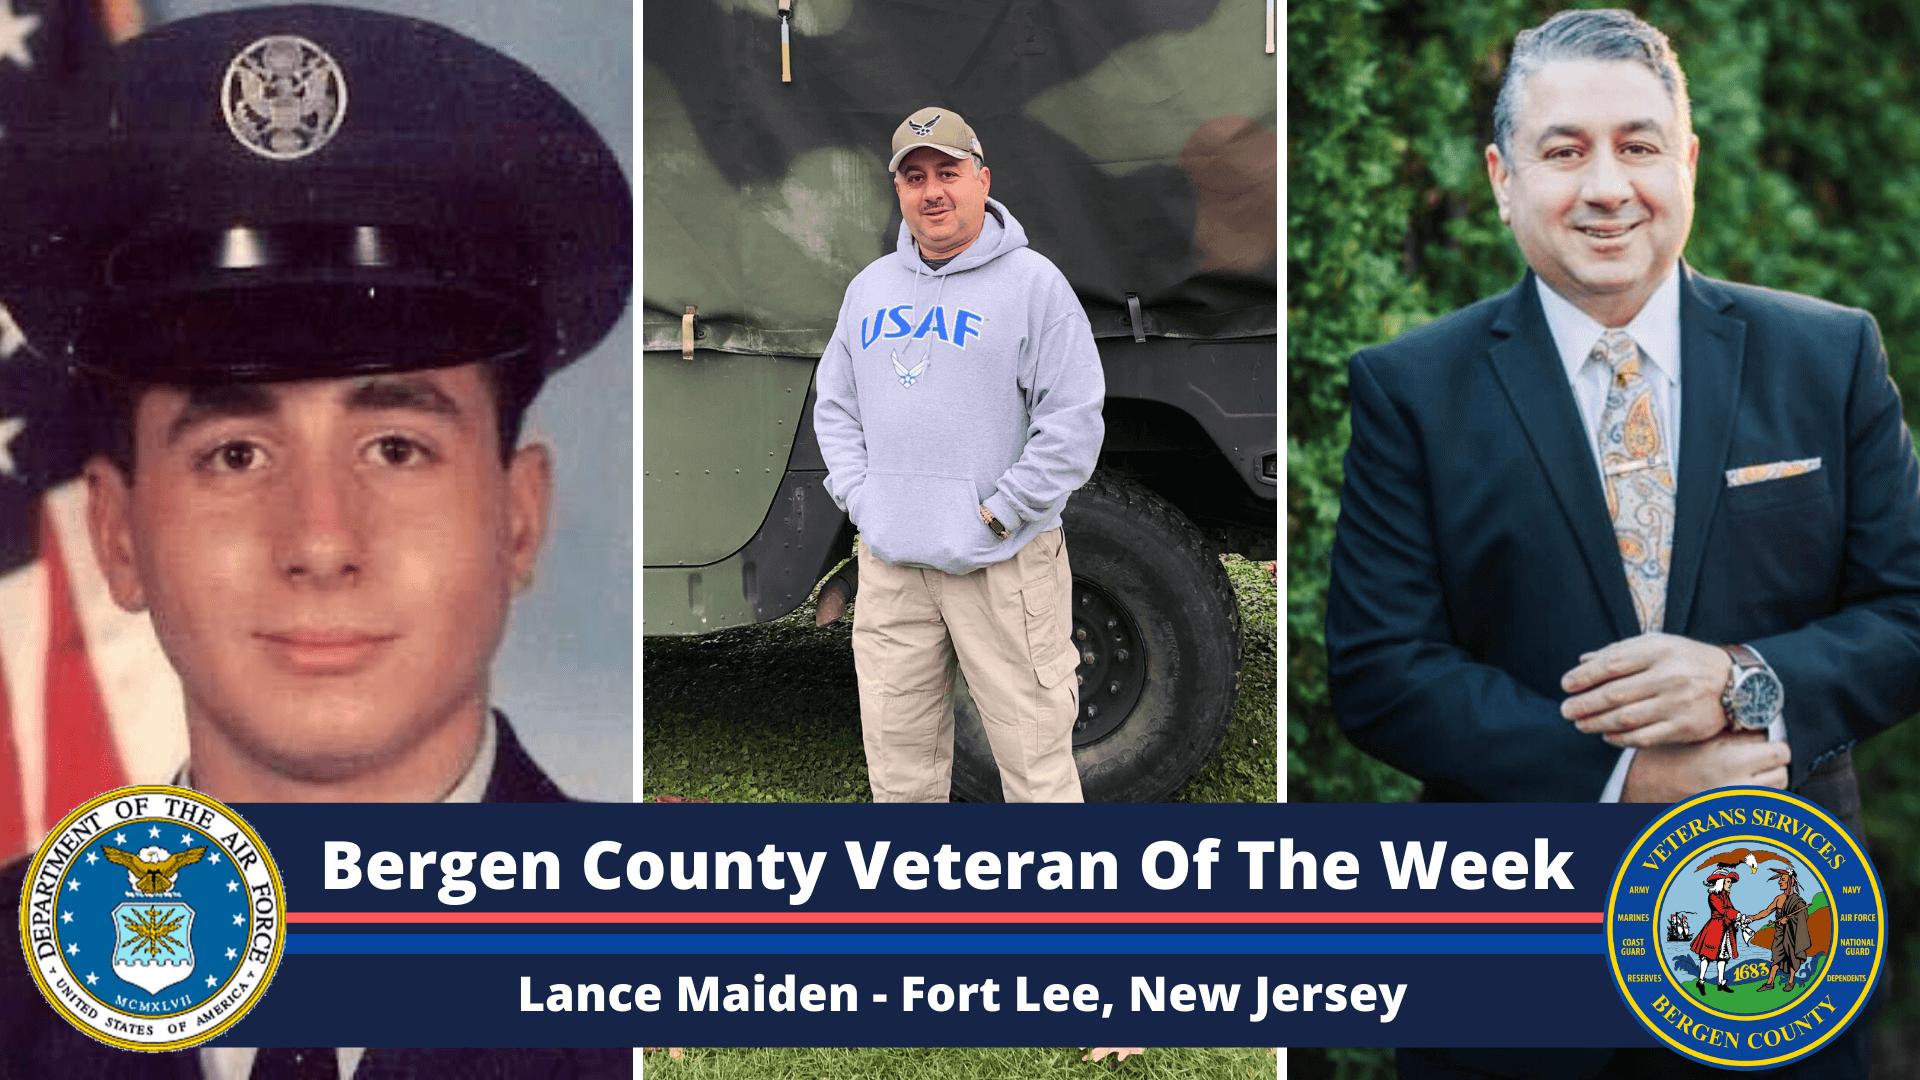 Bergen County Veteran of the Week: Lance Maiden